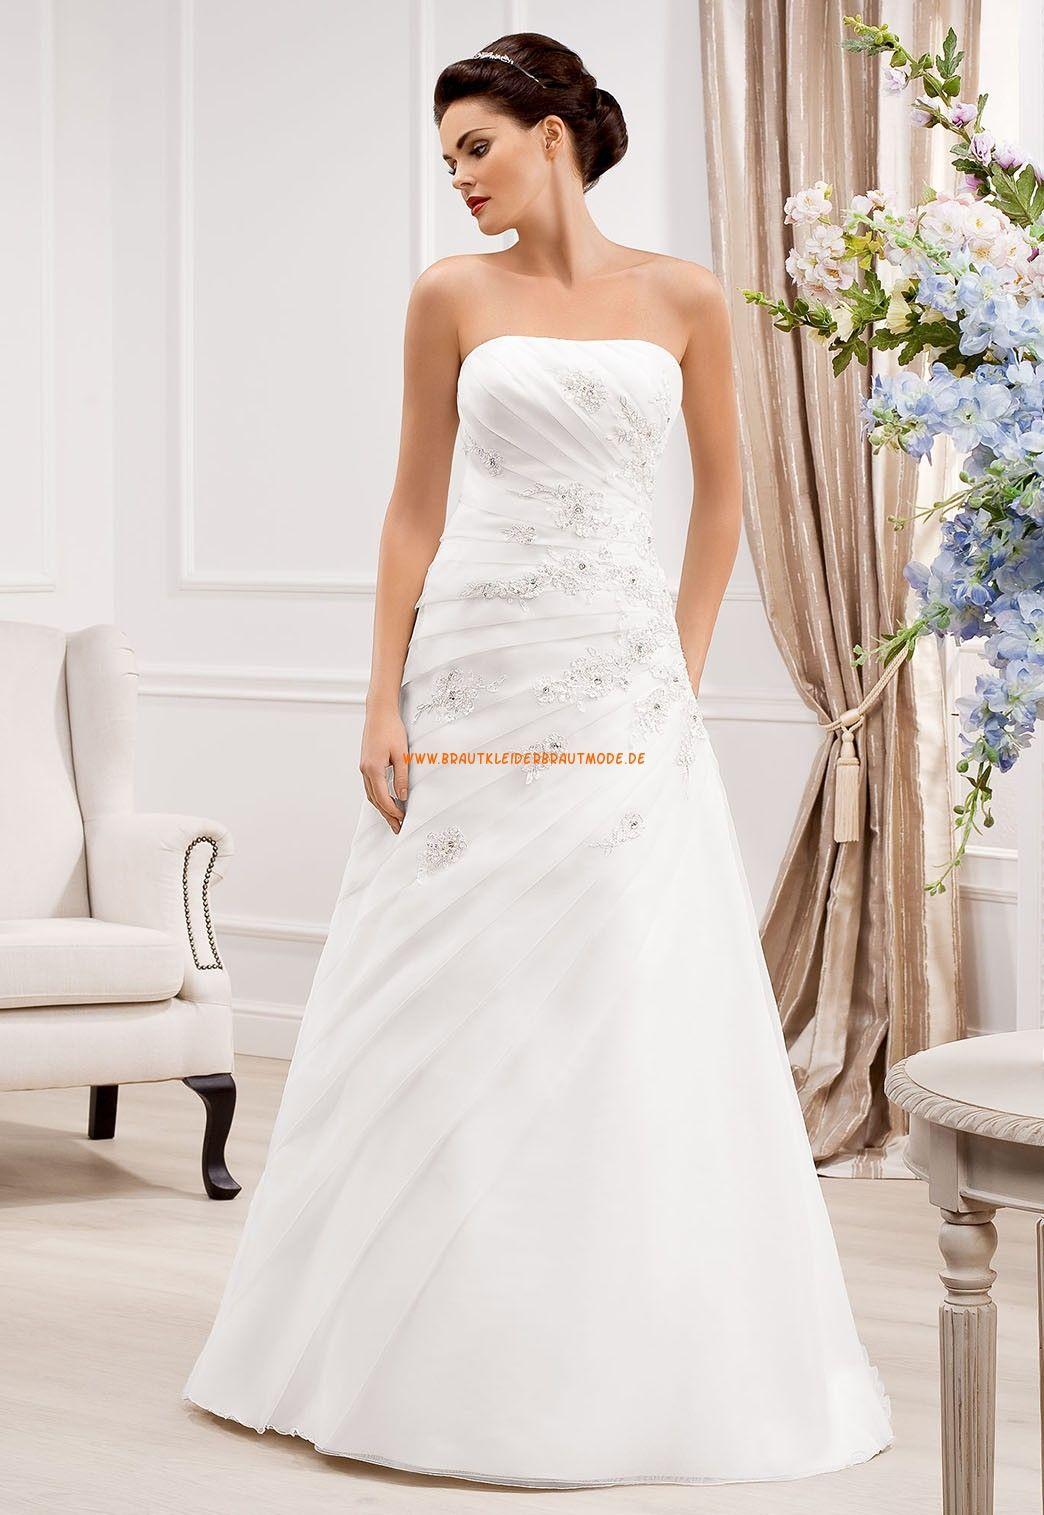 Bodenlange Schicke Hochzeitskleider aus Organza | Romantische ...